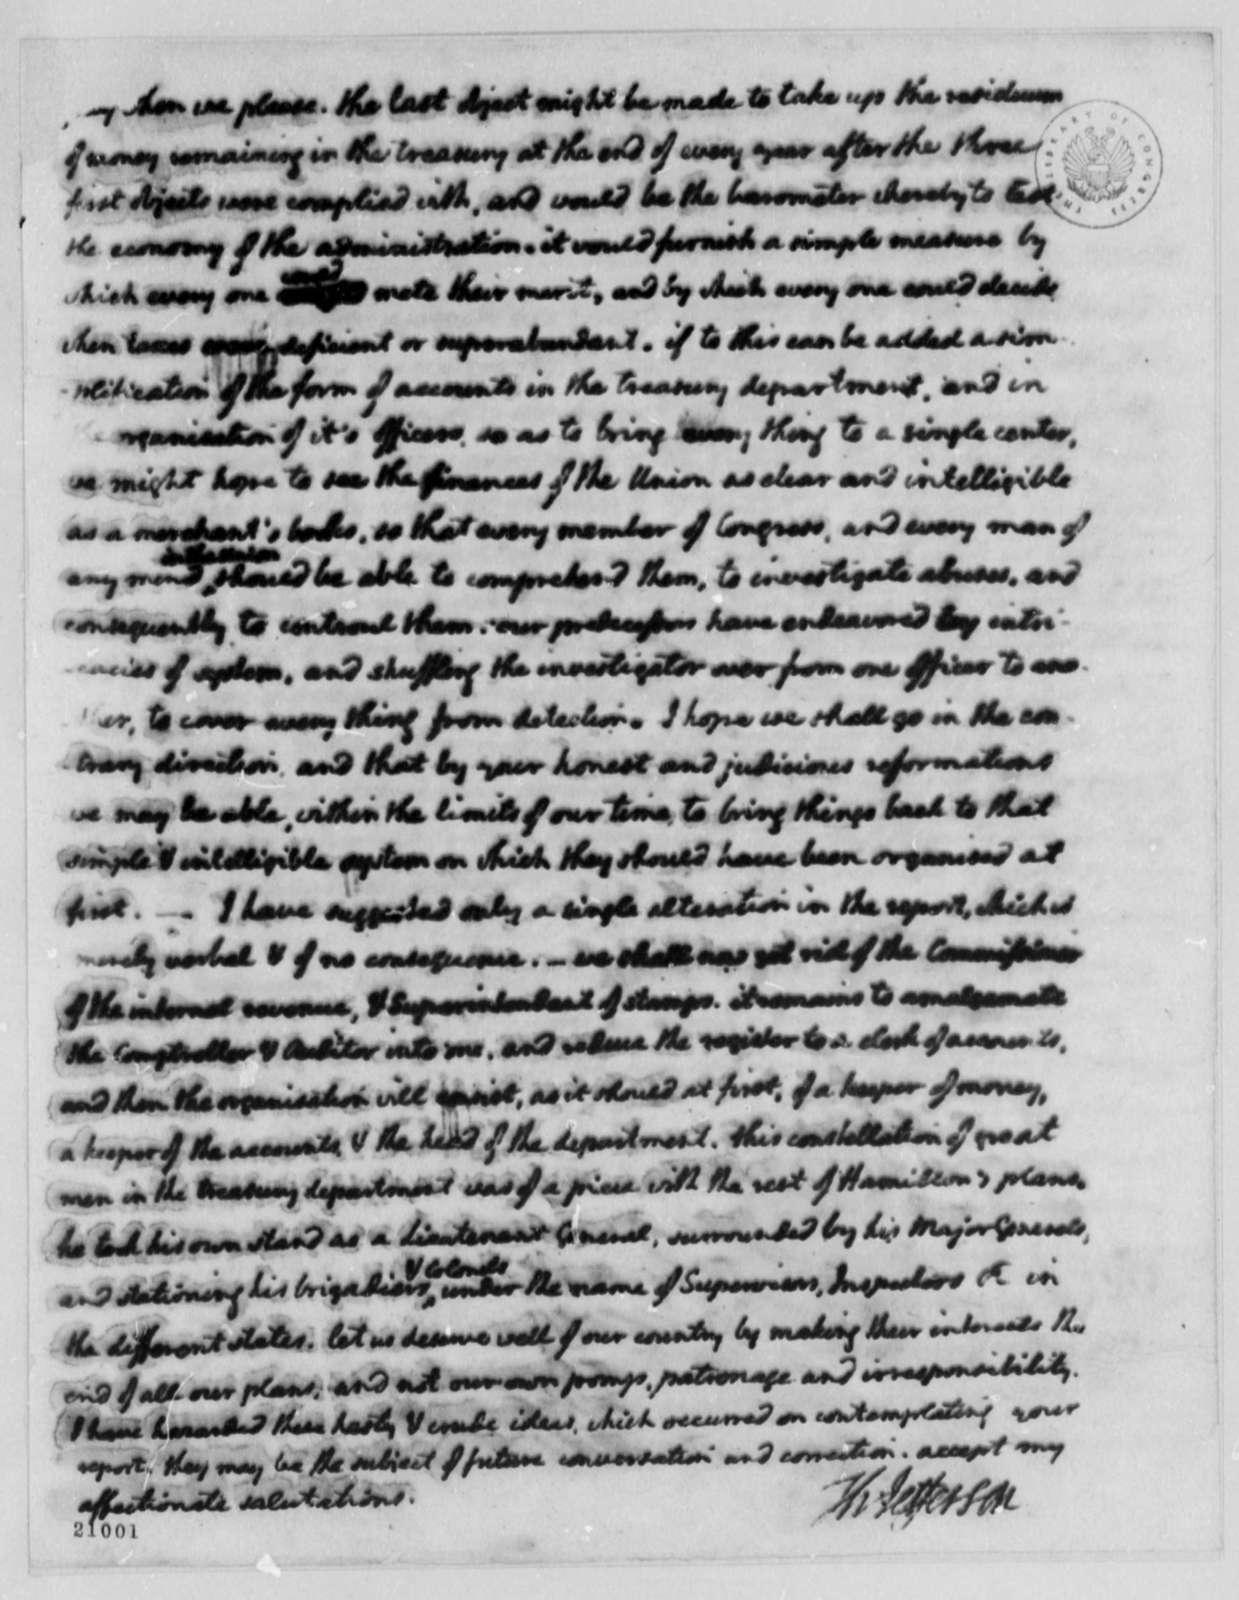 Thomas Jefferson to Albert Gallatin, April 1, 1802